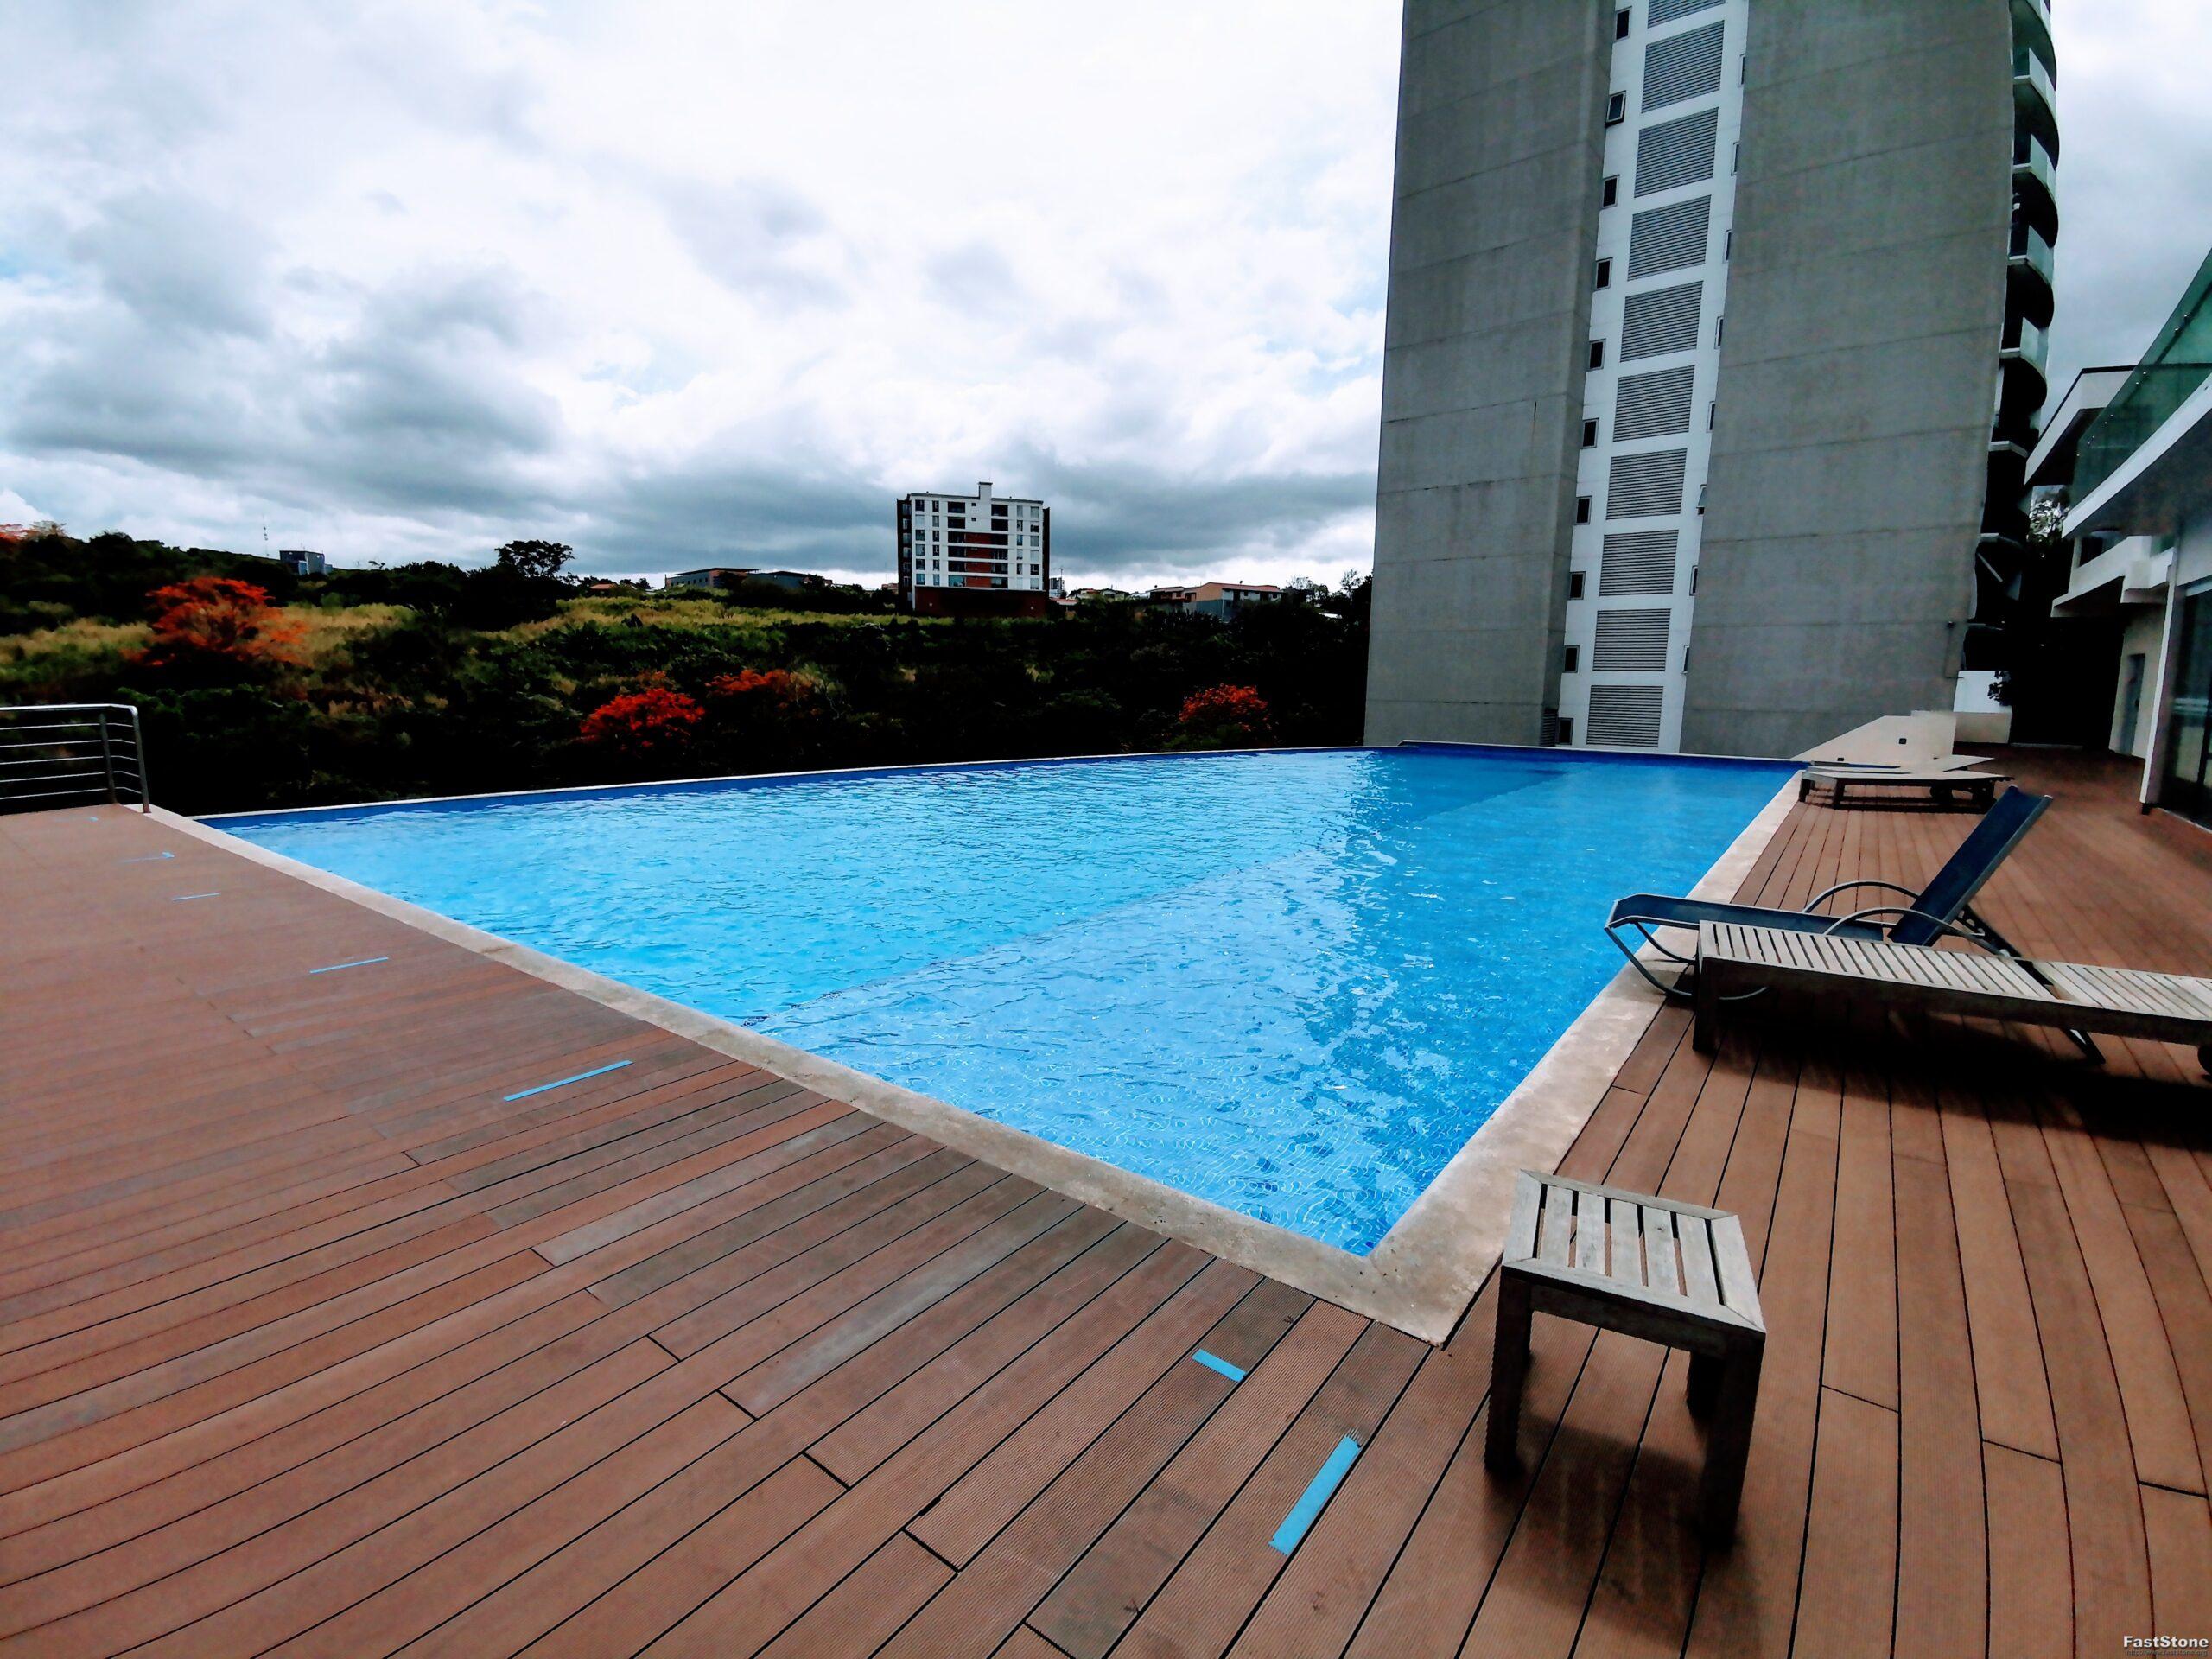 Venta de Apartamento en Torres Paradisus, Rohrmoser, San Jose, Costa Rica